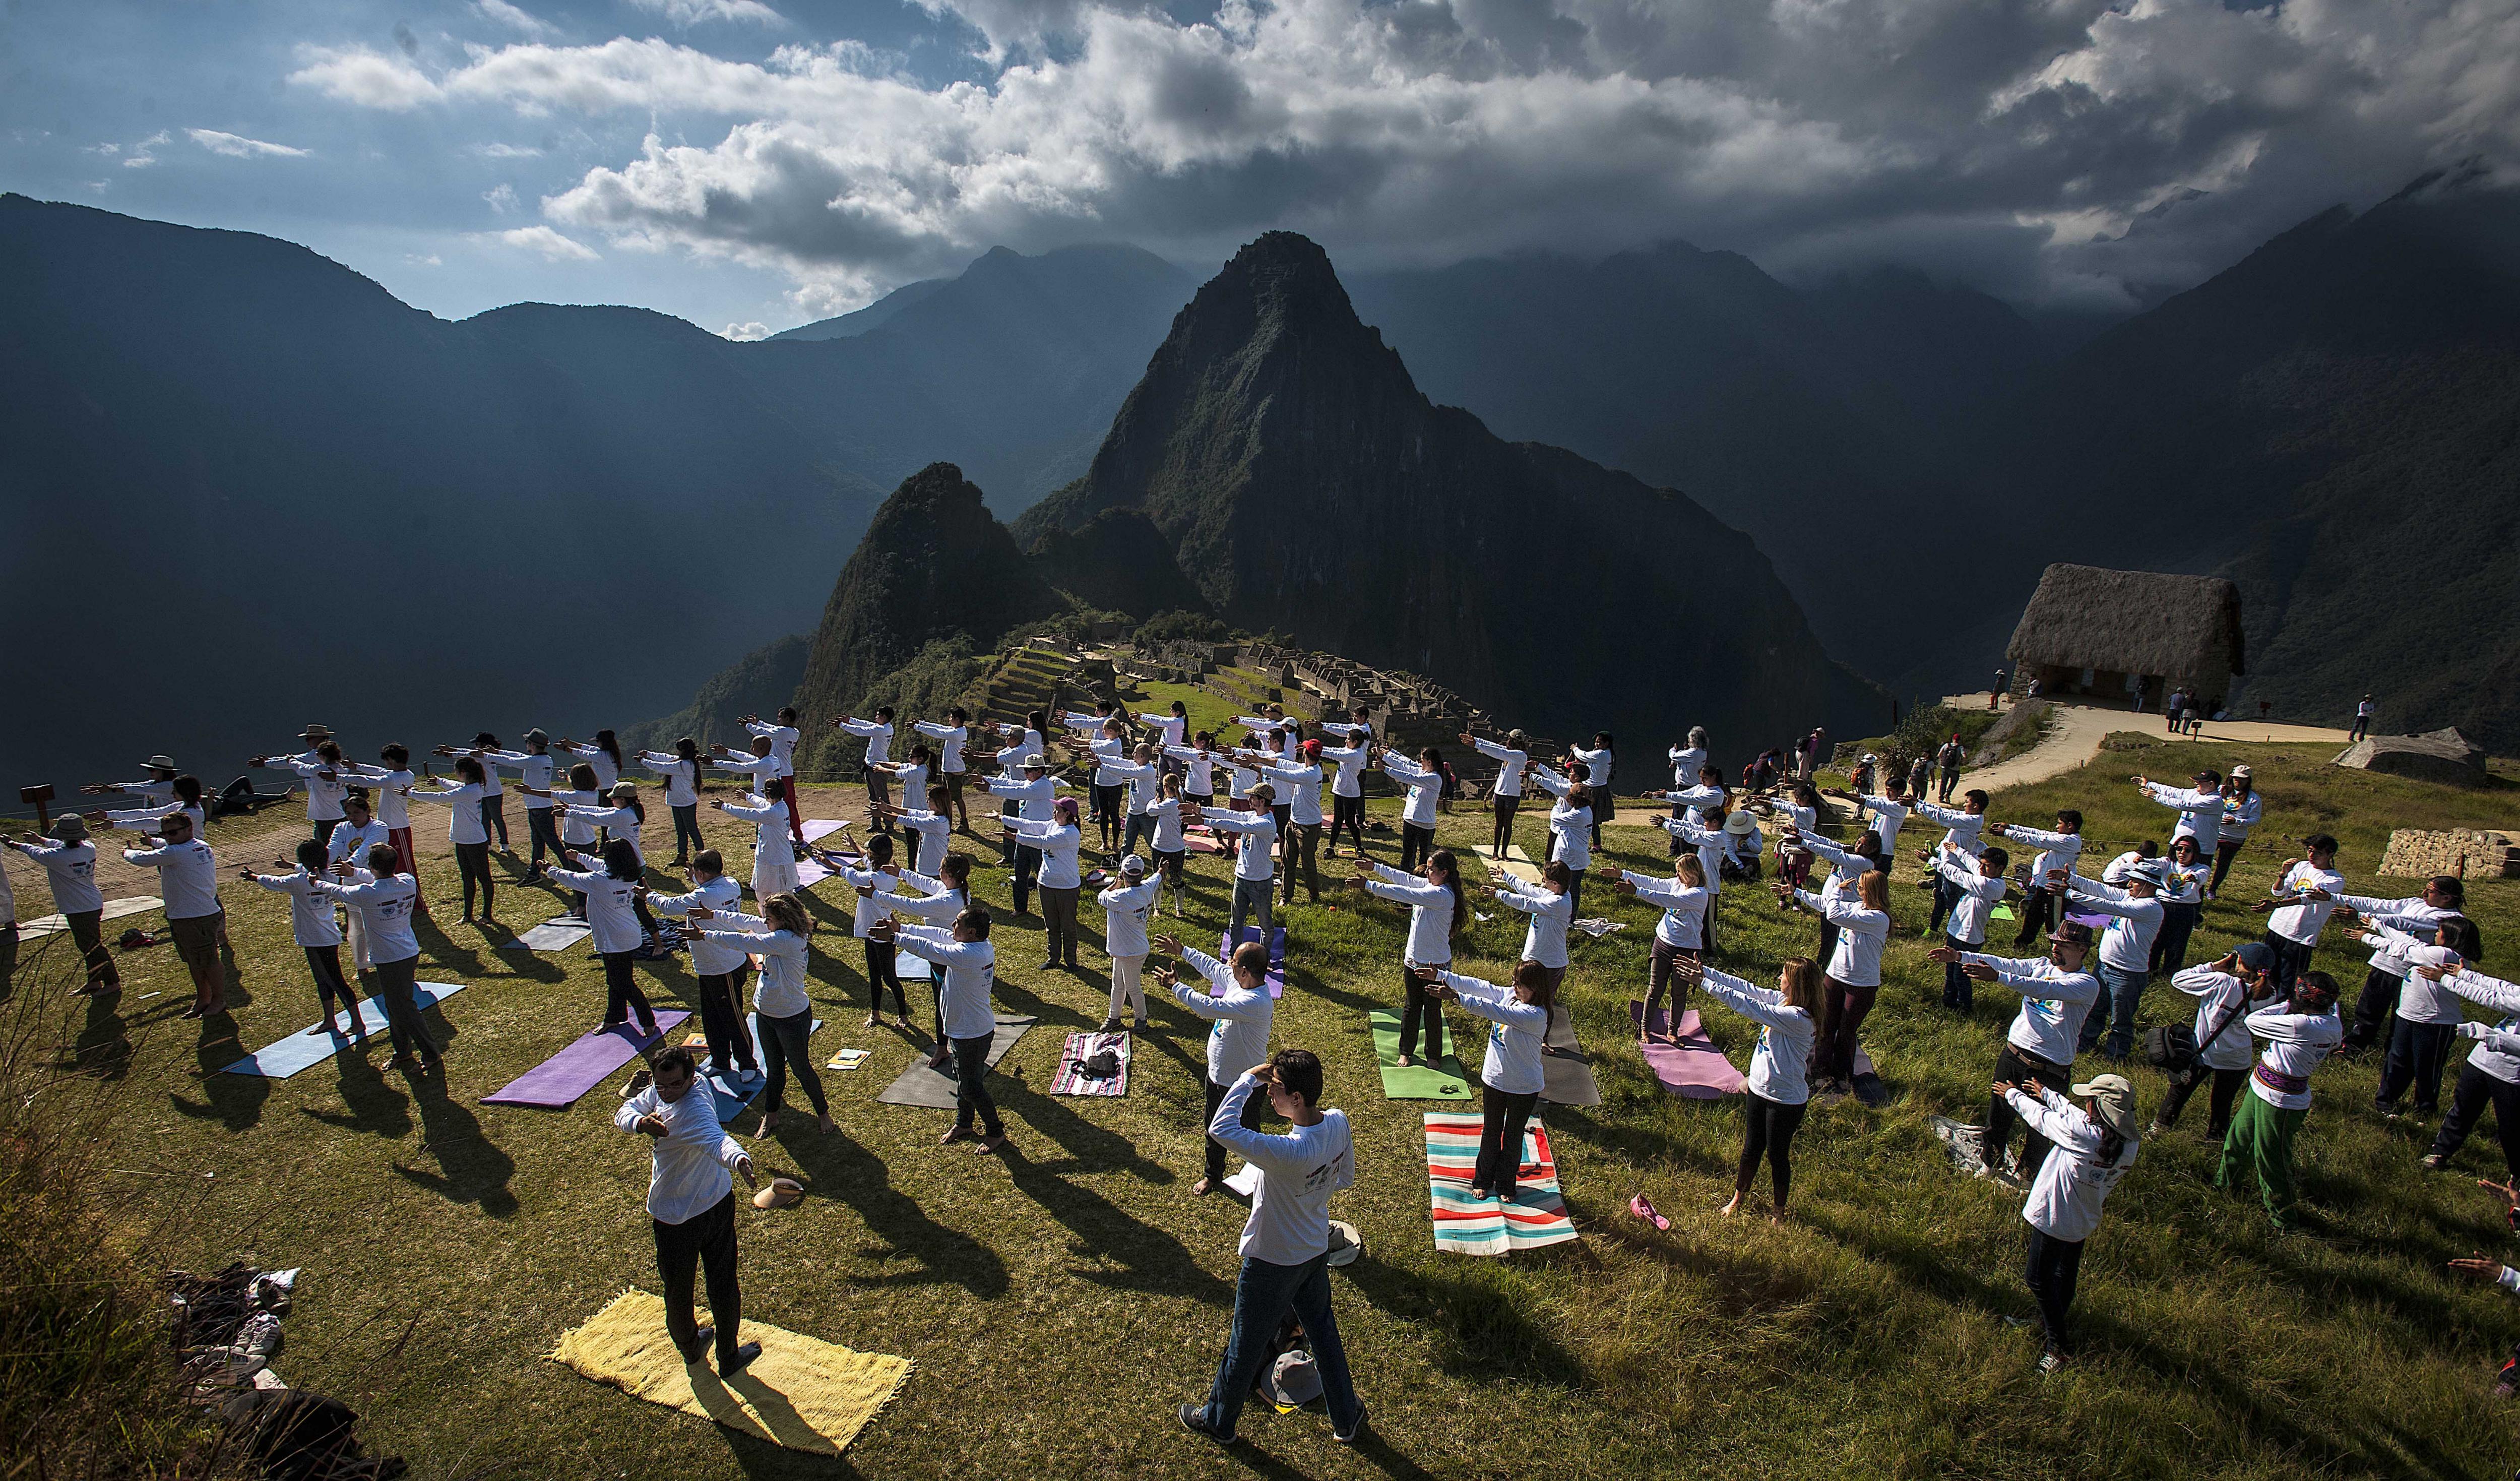 Centenars de persones practiquen ioga en el cim de la històrica fortalesa del Machu Pichu. /EFE